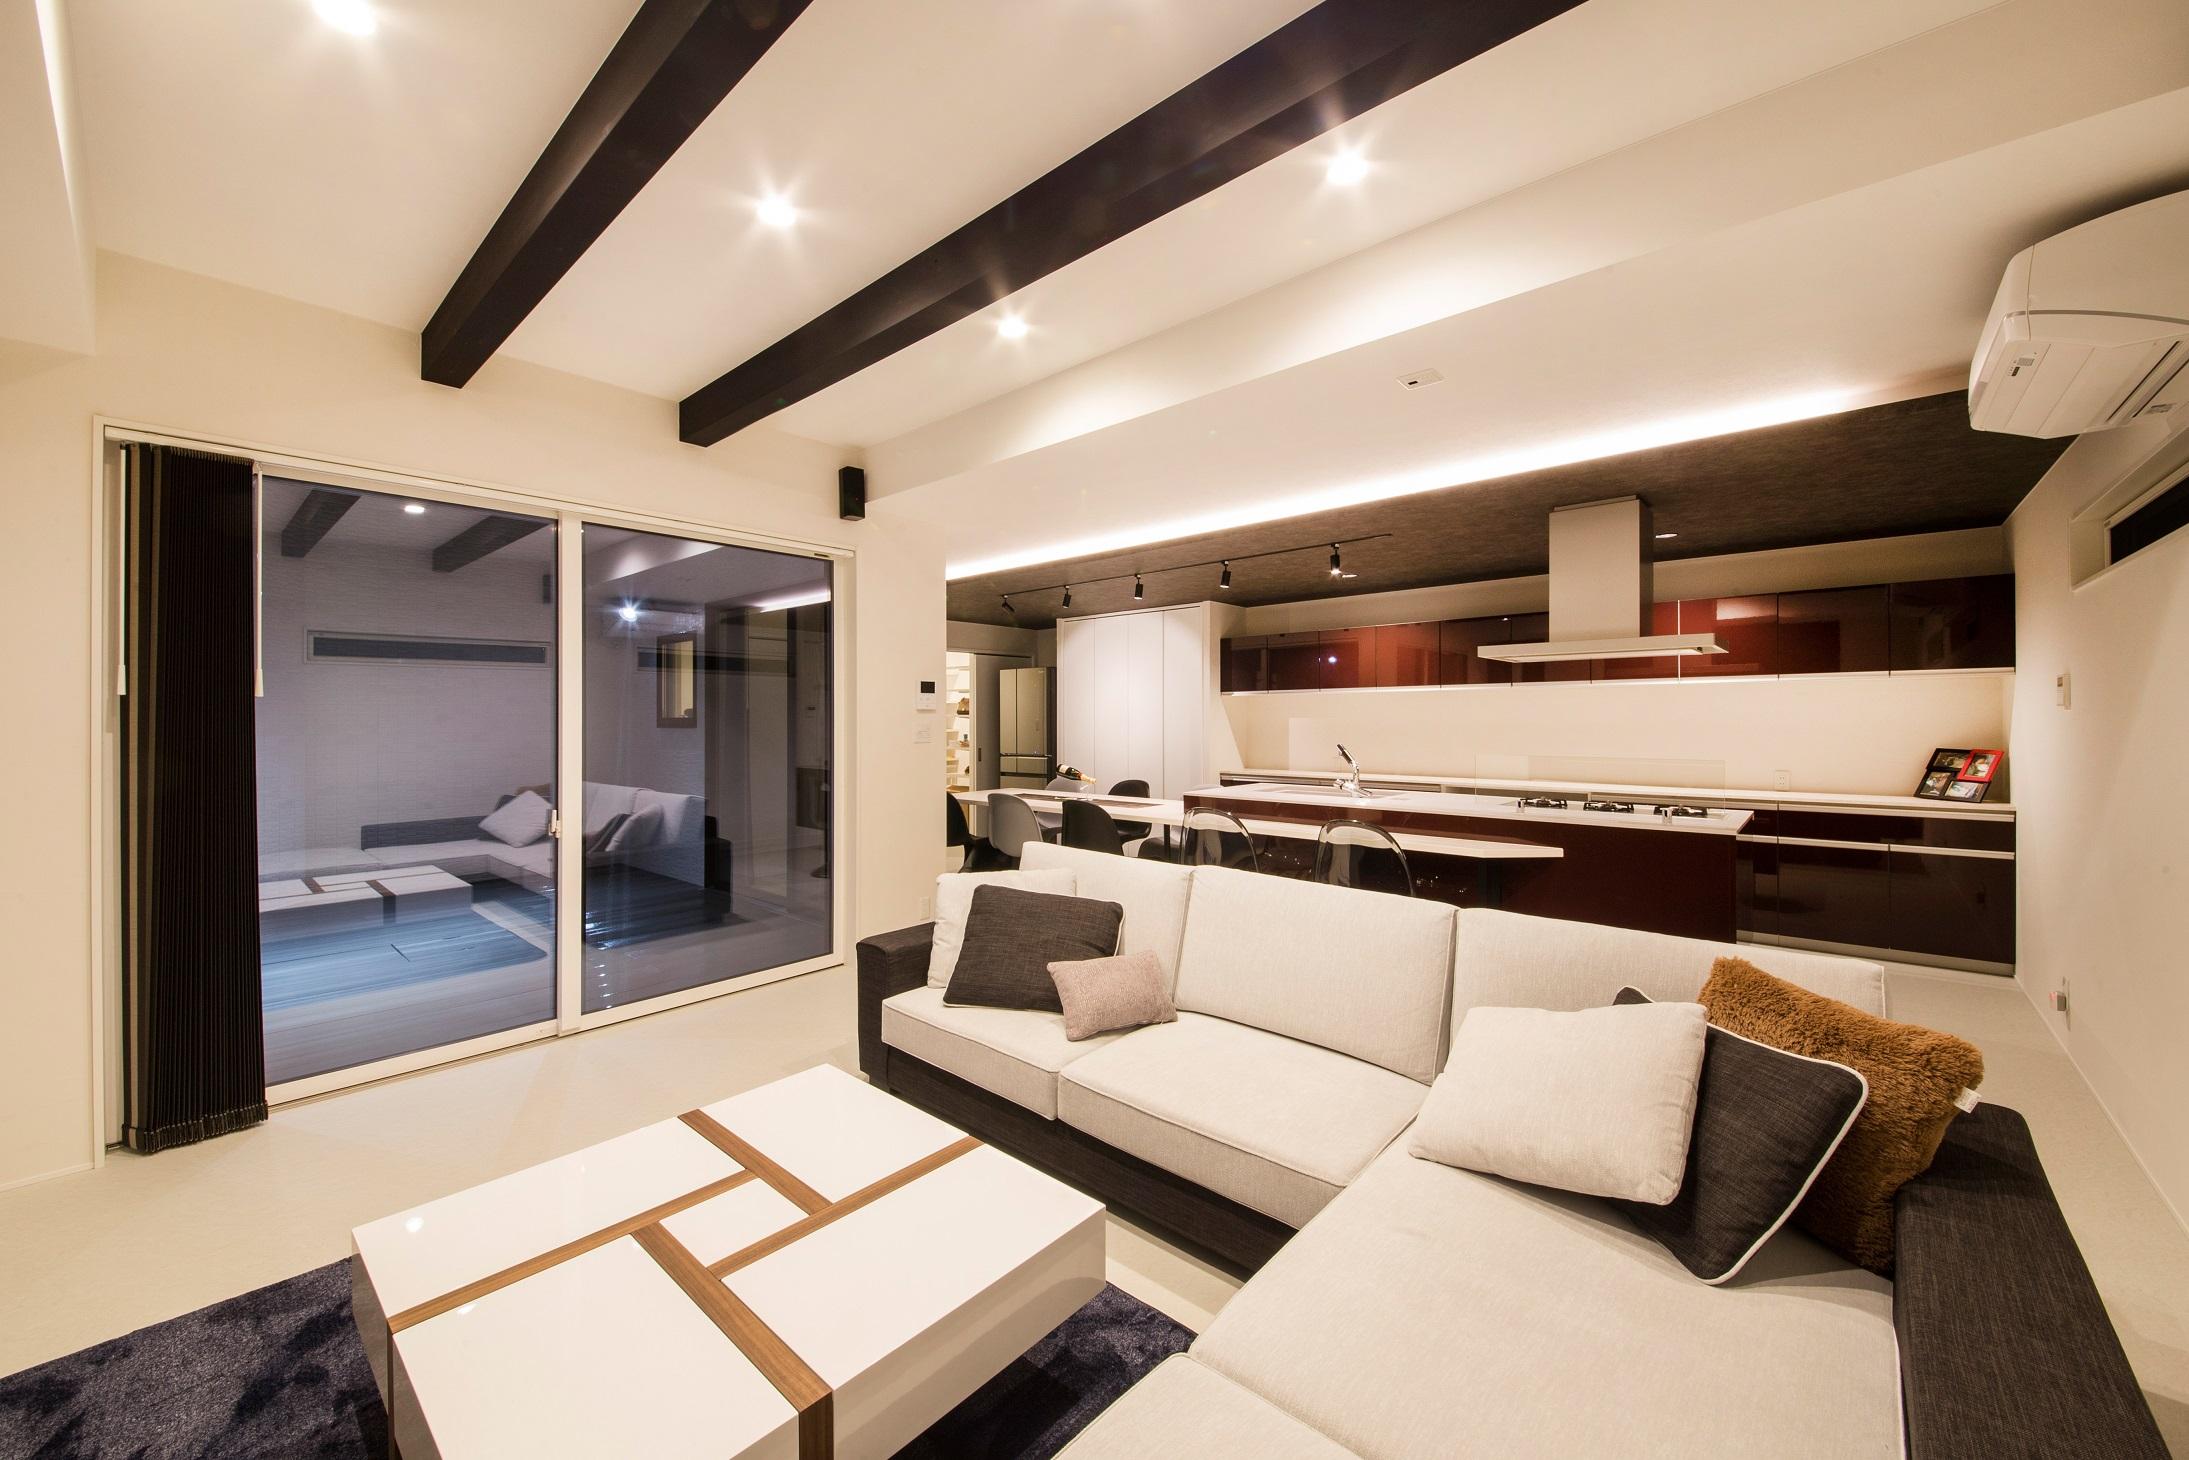 will建築工房【デザイン住宅、ペット、ガレージ】内装を白で統一したスタイリッシュなLDK。天井に渡した化粧梁が広い空間のアクセントに